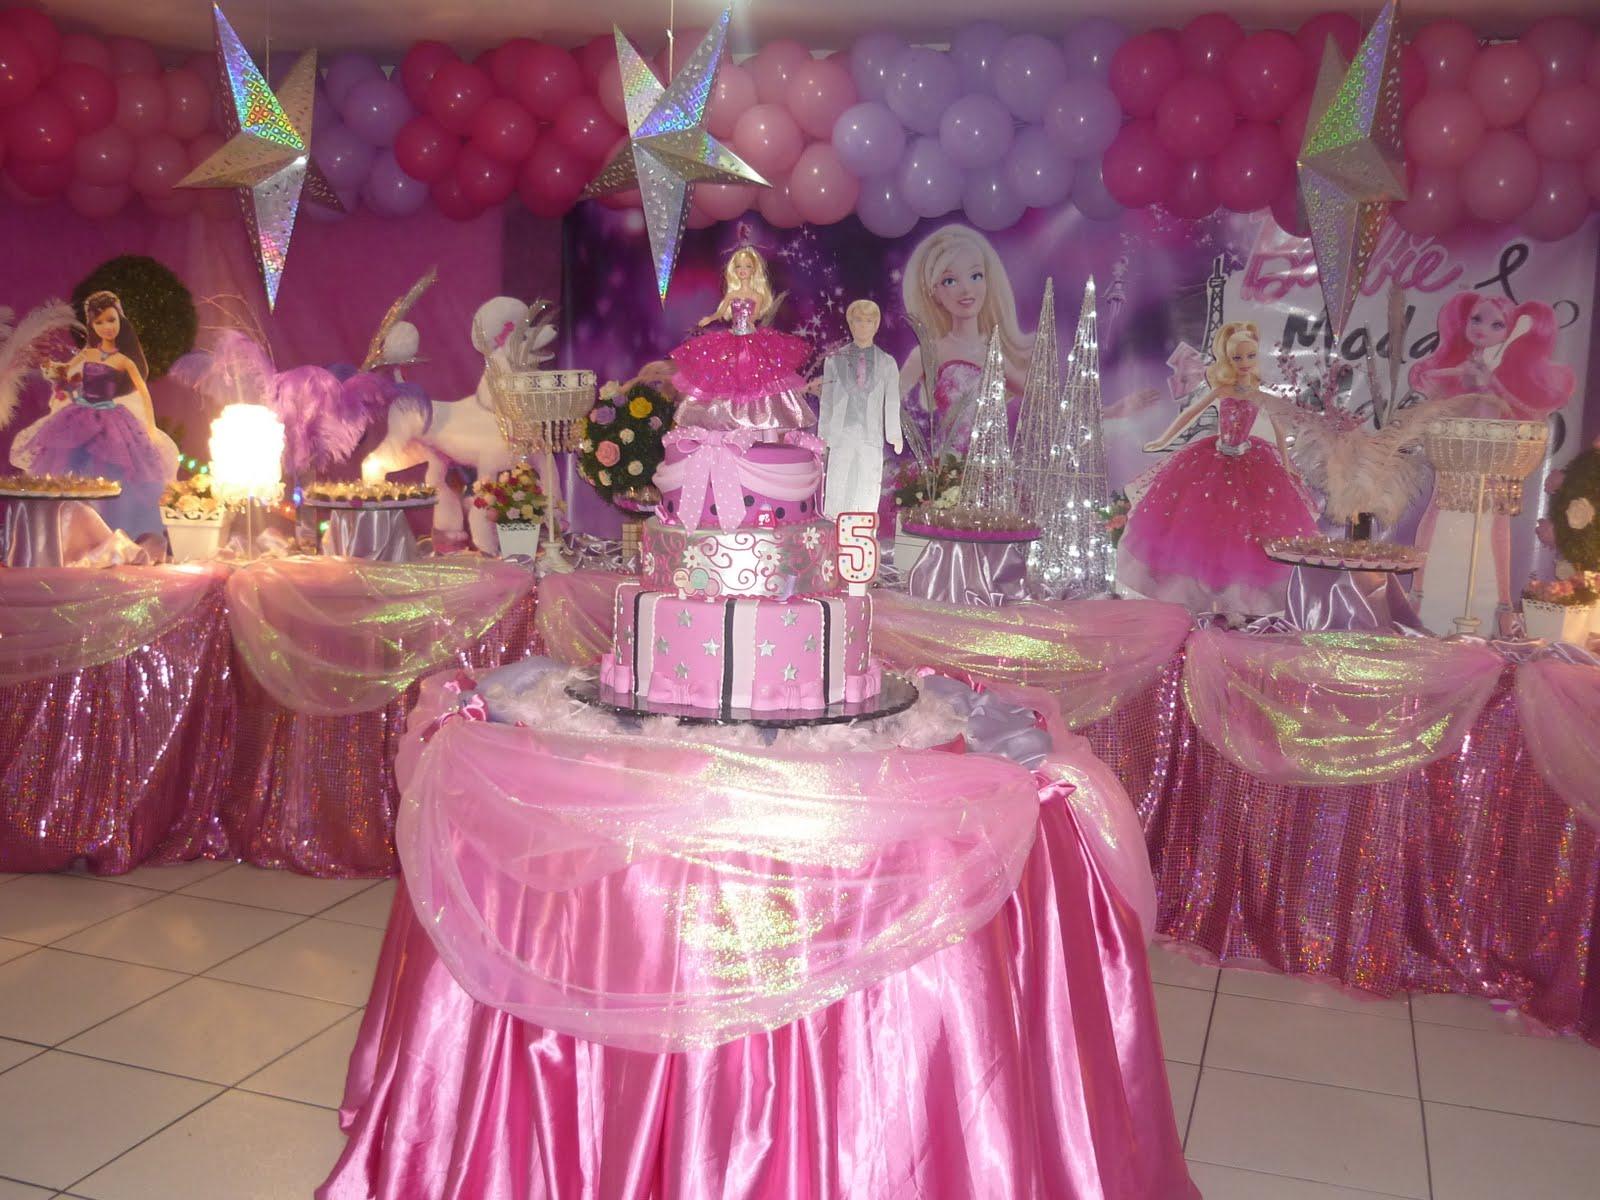 decoracao festa barbie : decoracao festa barbie:Postado por Ray Festas e Decorações Temáticas às 9:14:00 PM